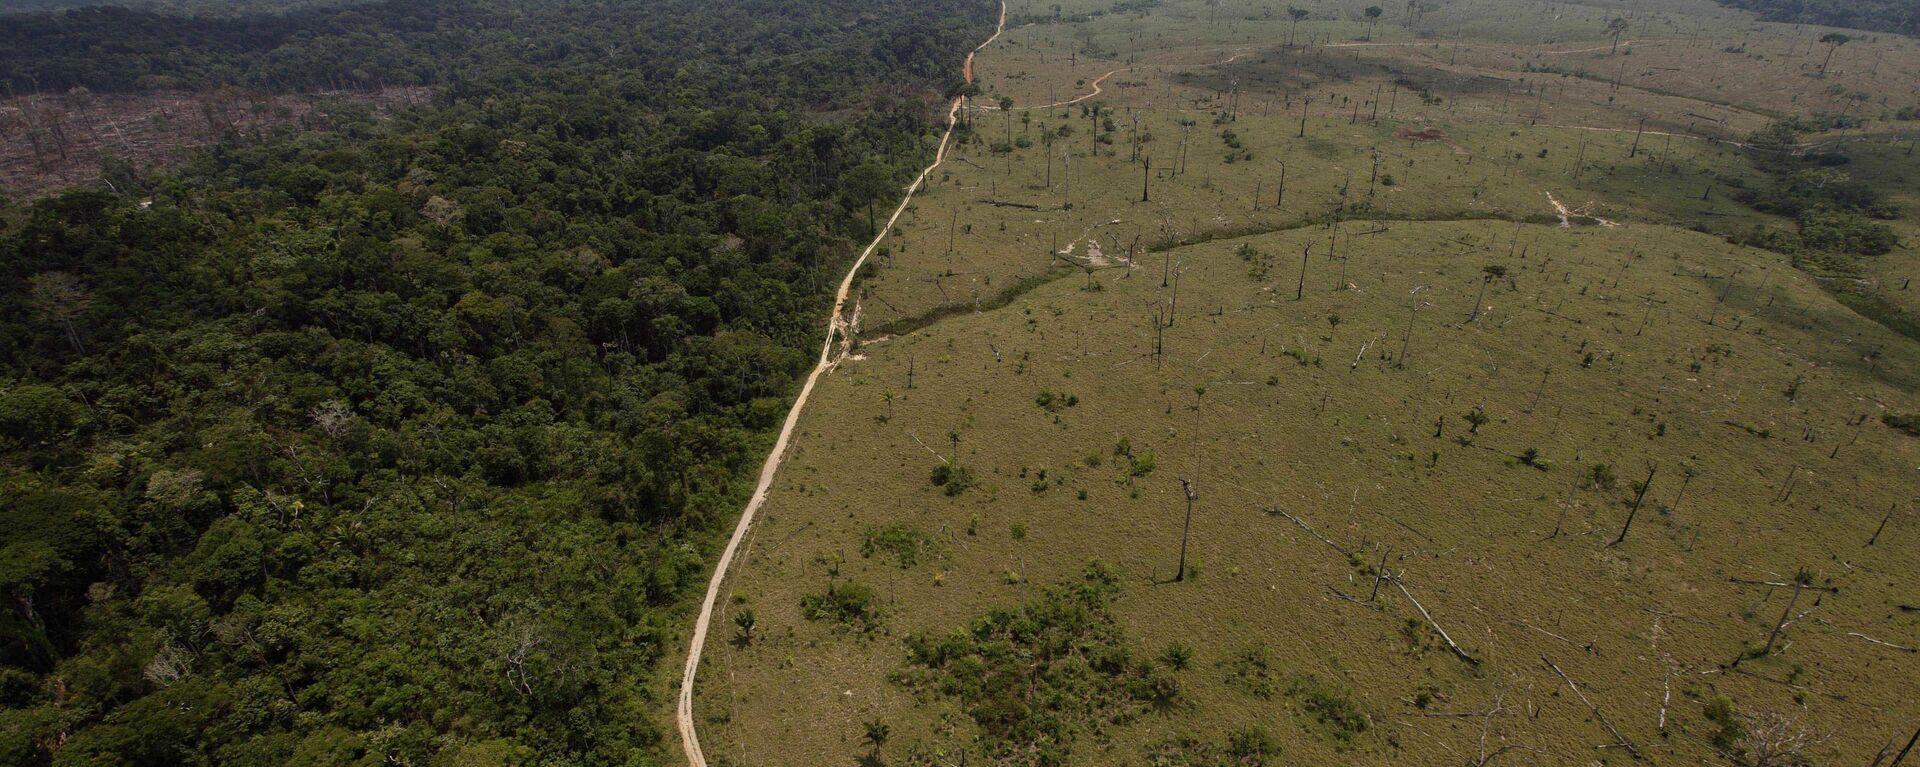 Una área deforestada en la Amazonía brasileña - Sputnik Mundo, 1920, 06.09.2021